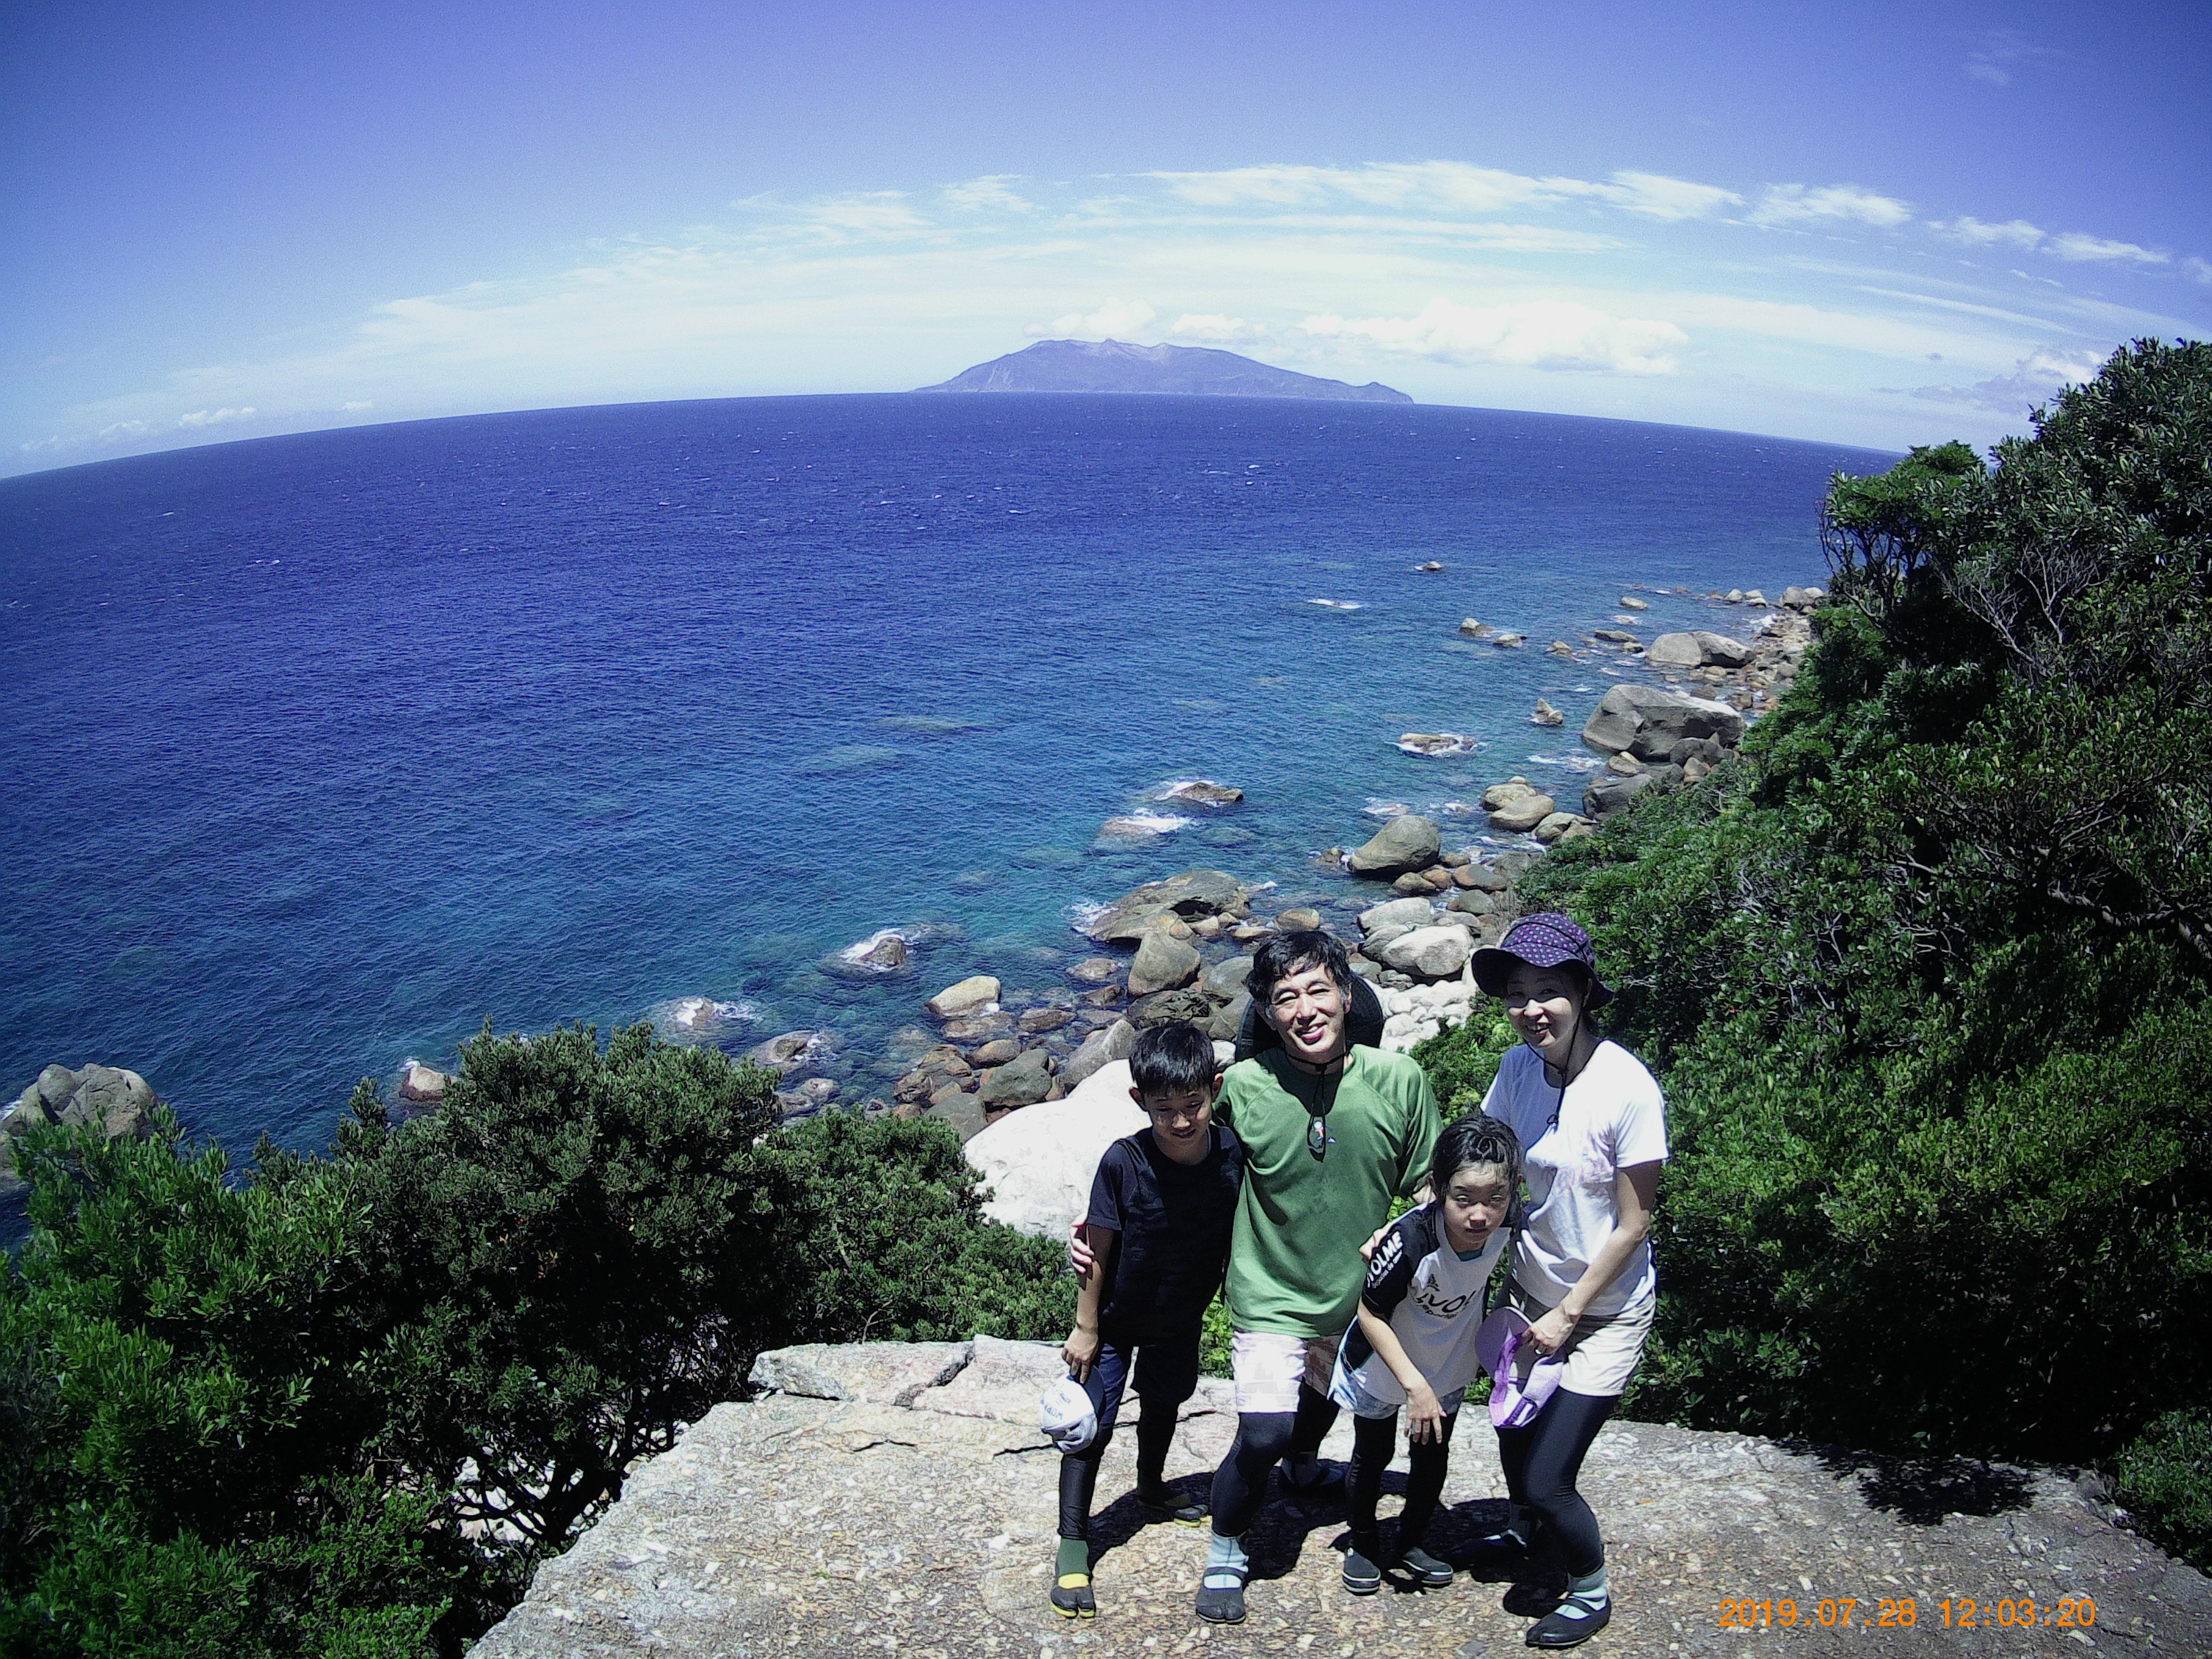 屋久島ガイド・会田の大好きなスポットでSさんファミリーの家族写真